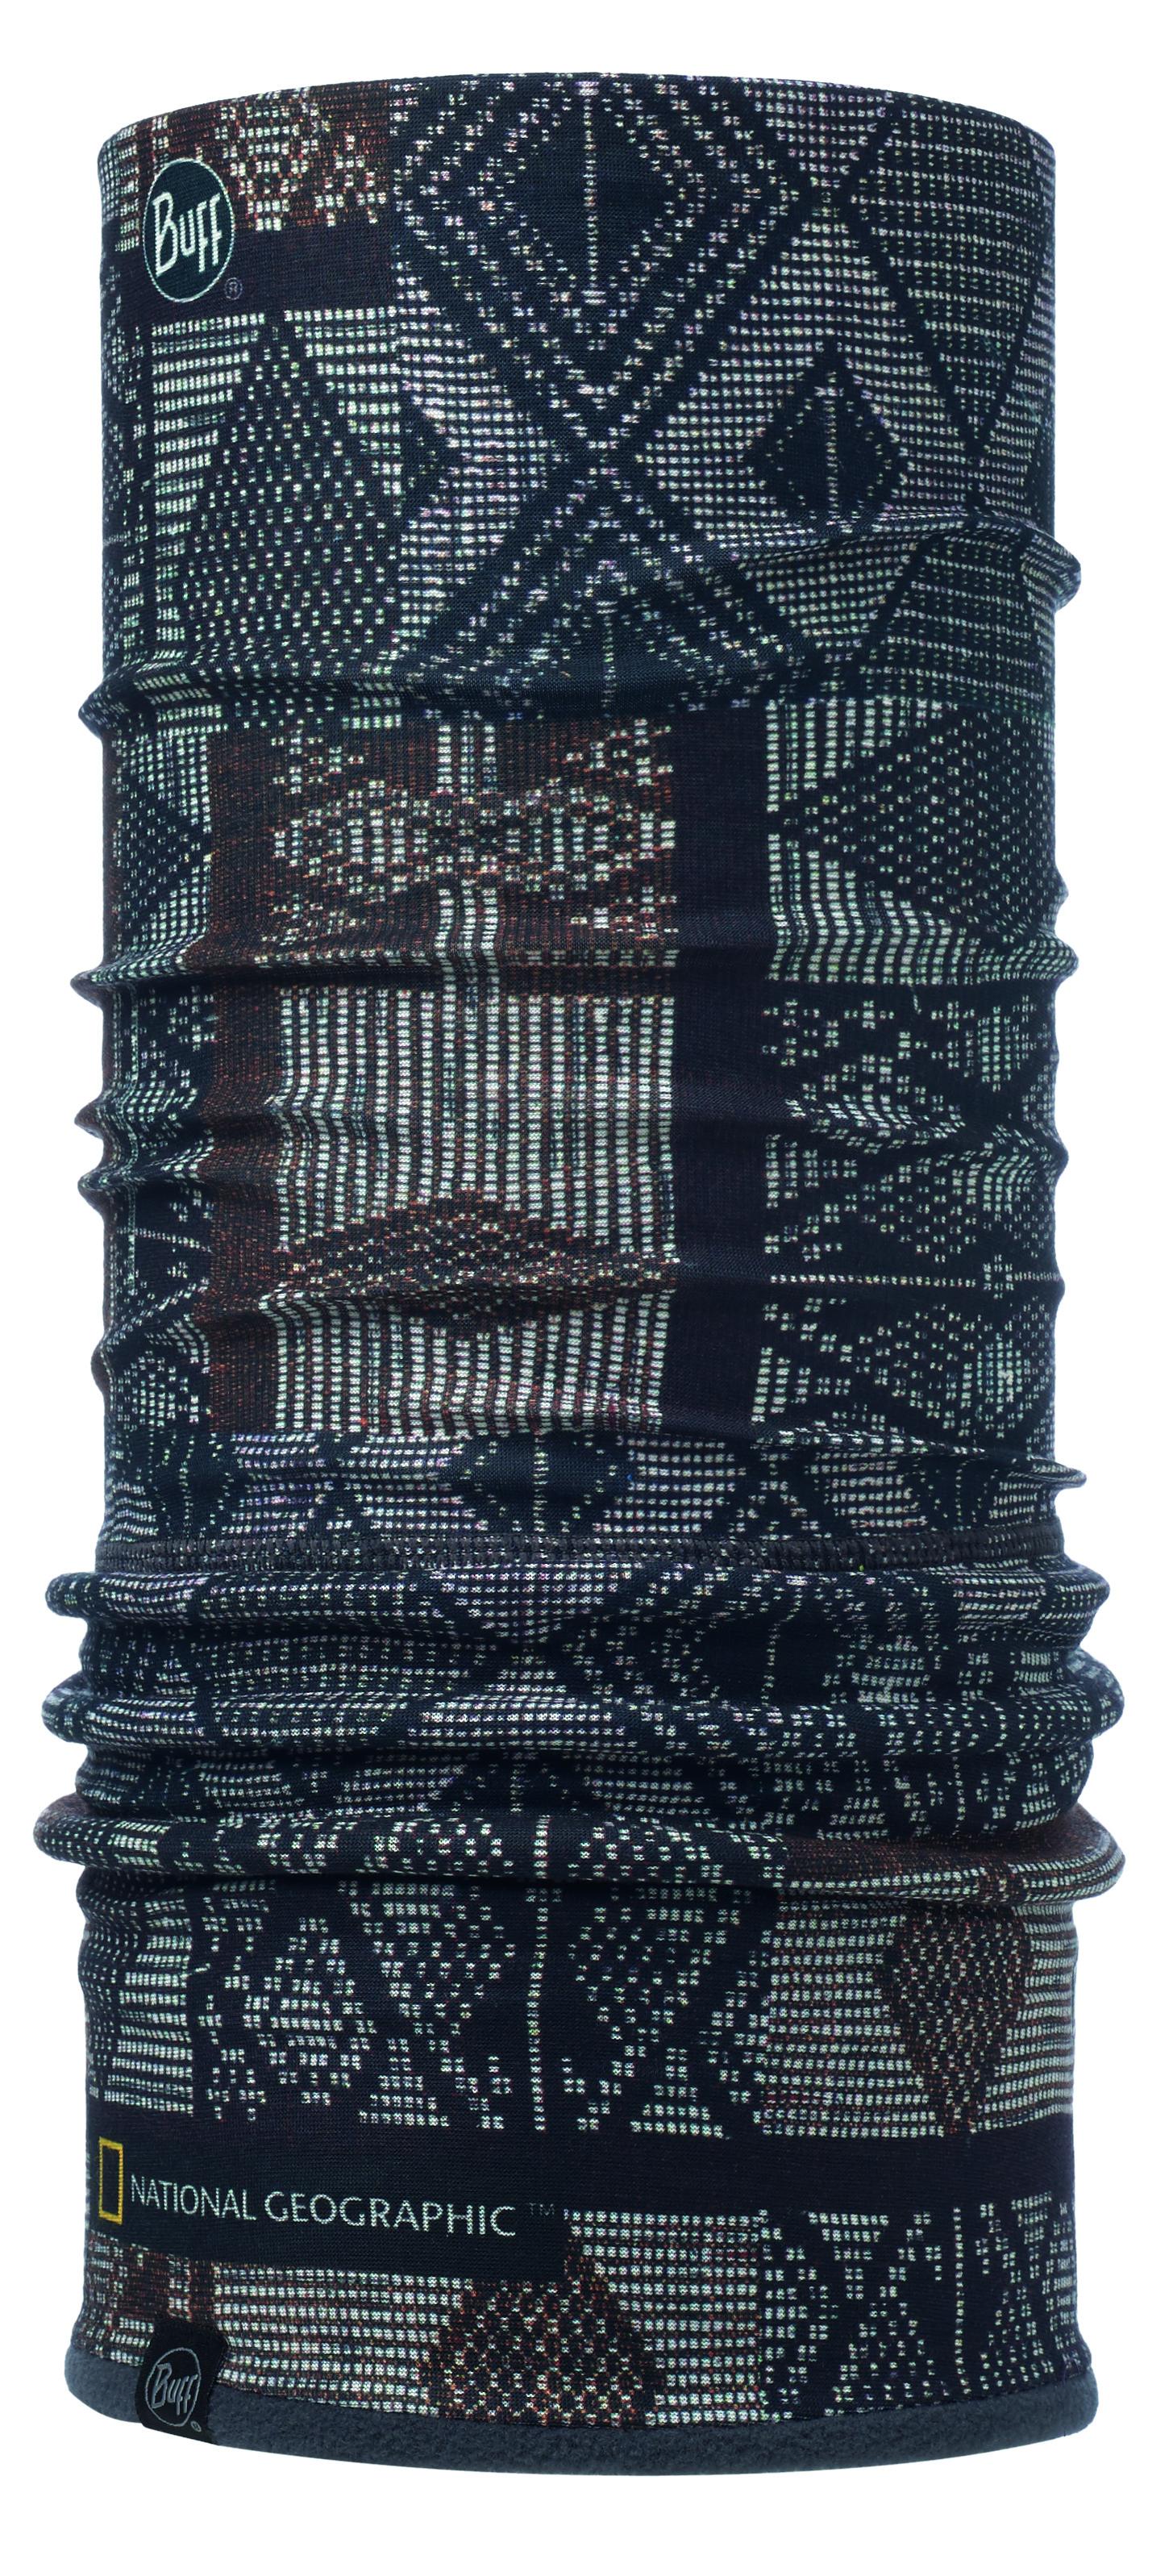 Купить Бандана BUFF NATIONAL GEOGRAPHIC POLAR MAASAIMARA NUT, Банданы и шарфы Buff ®, 1308097